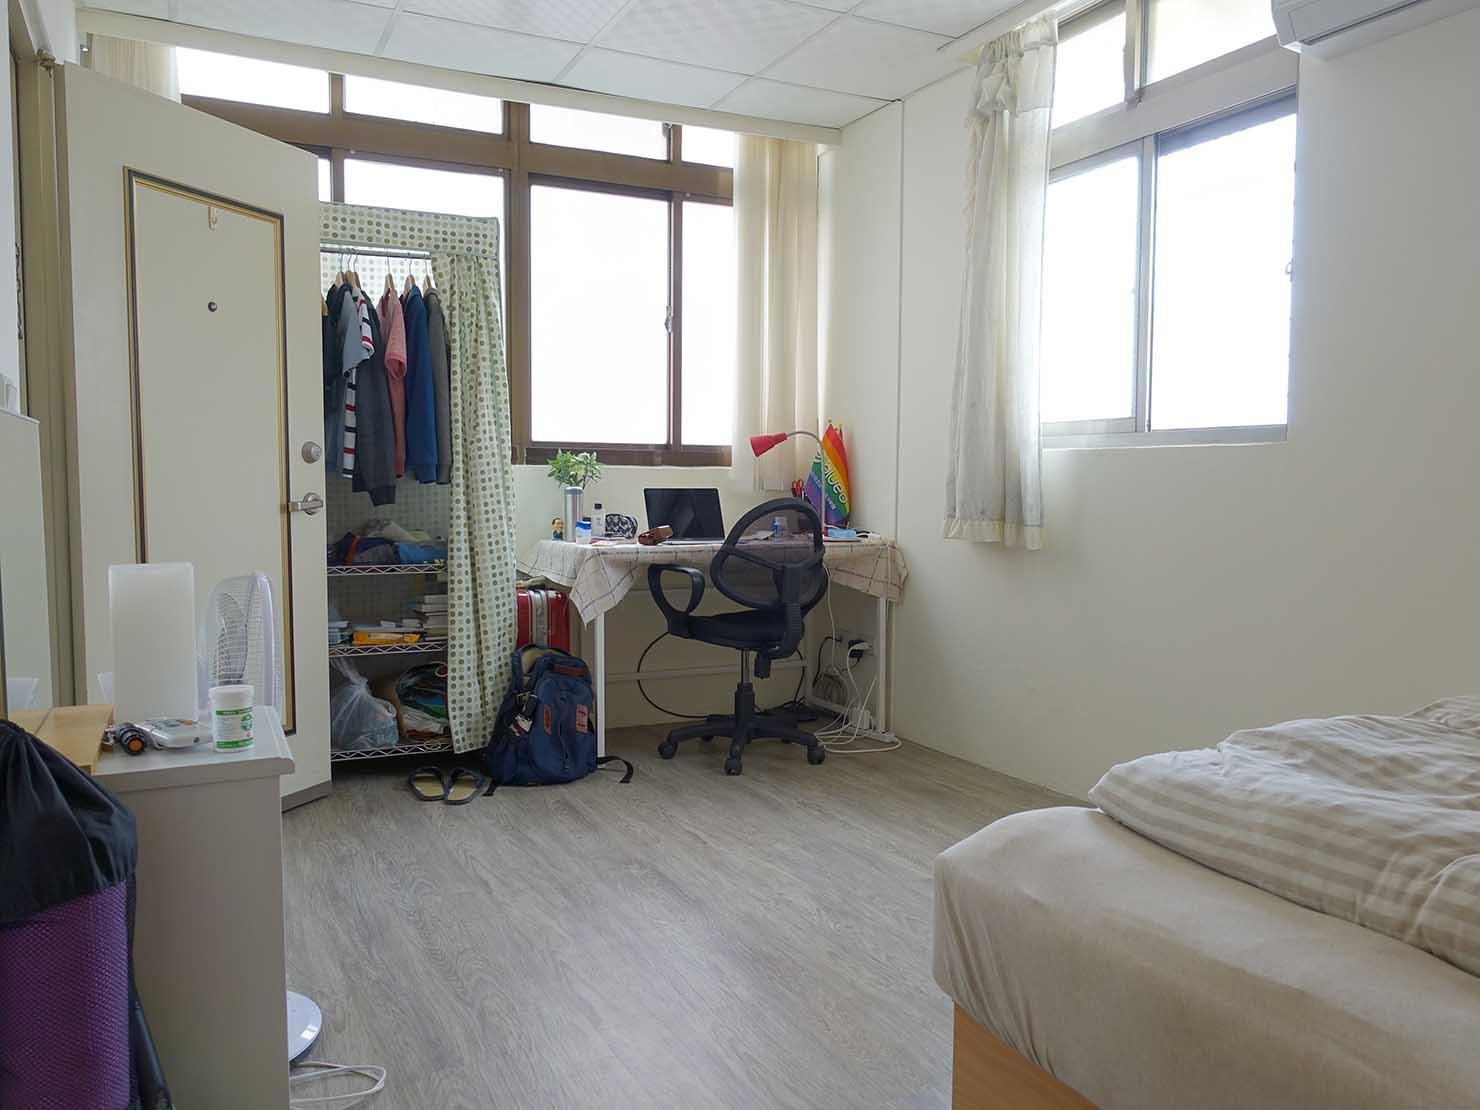 台北で台湾人彼氏と僕がルームシェアしている部屋の個室